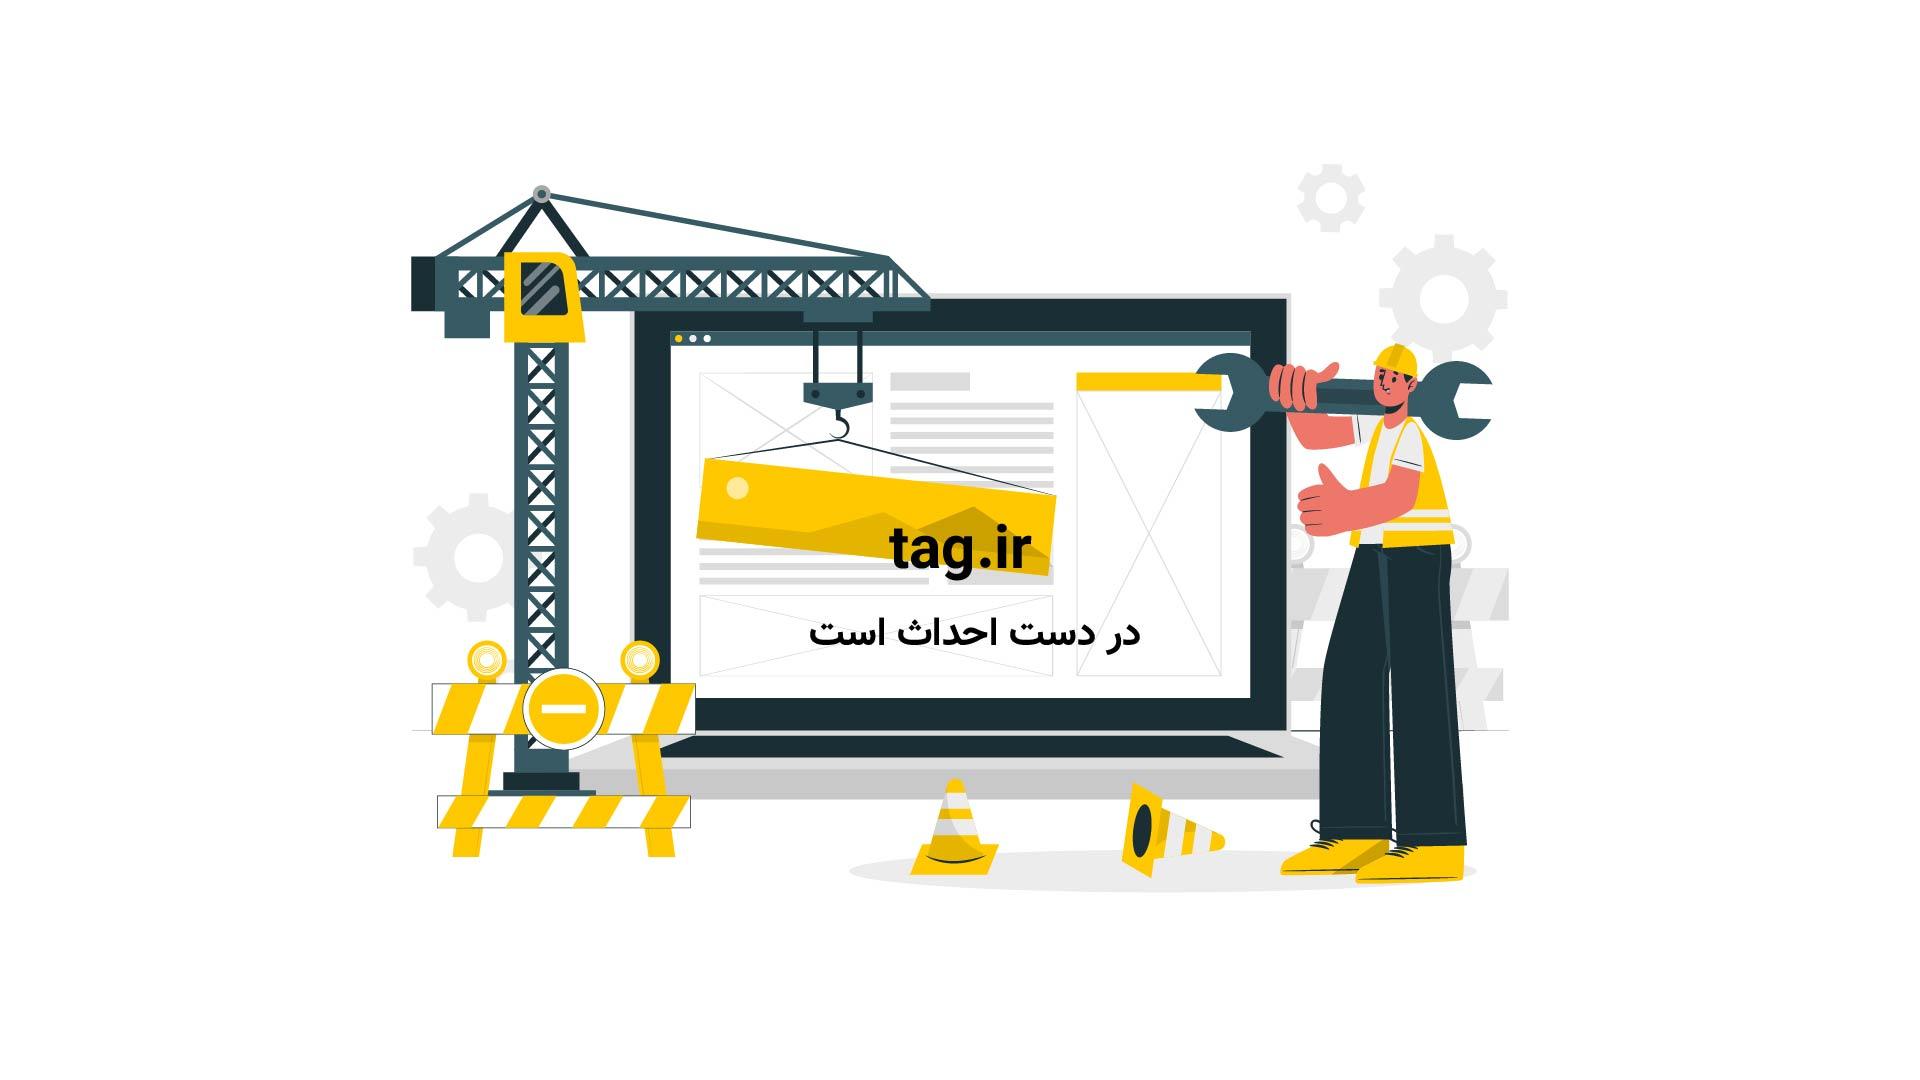 گربه بازیگوش که سر به سر طوطی میگذارد|تگ